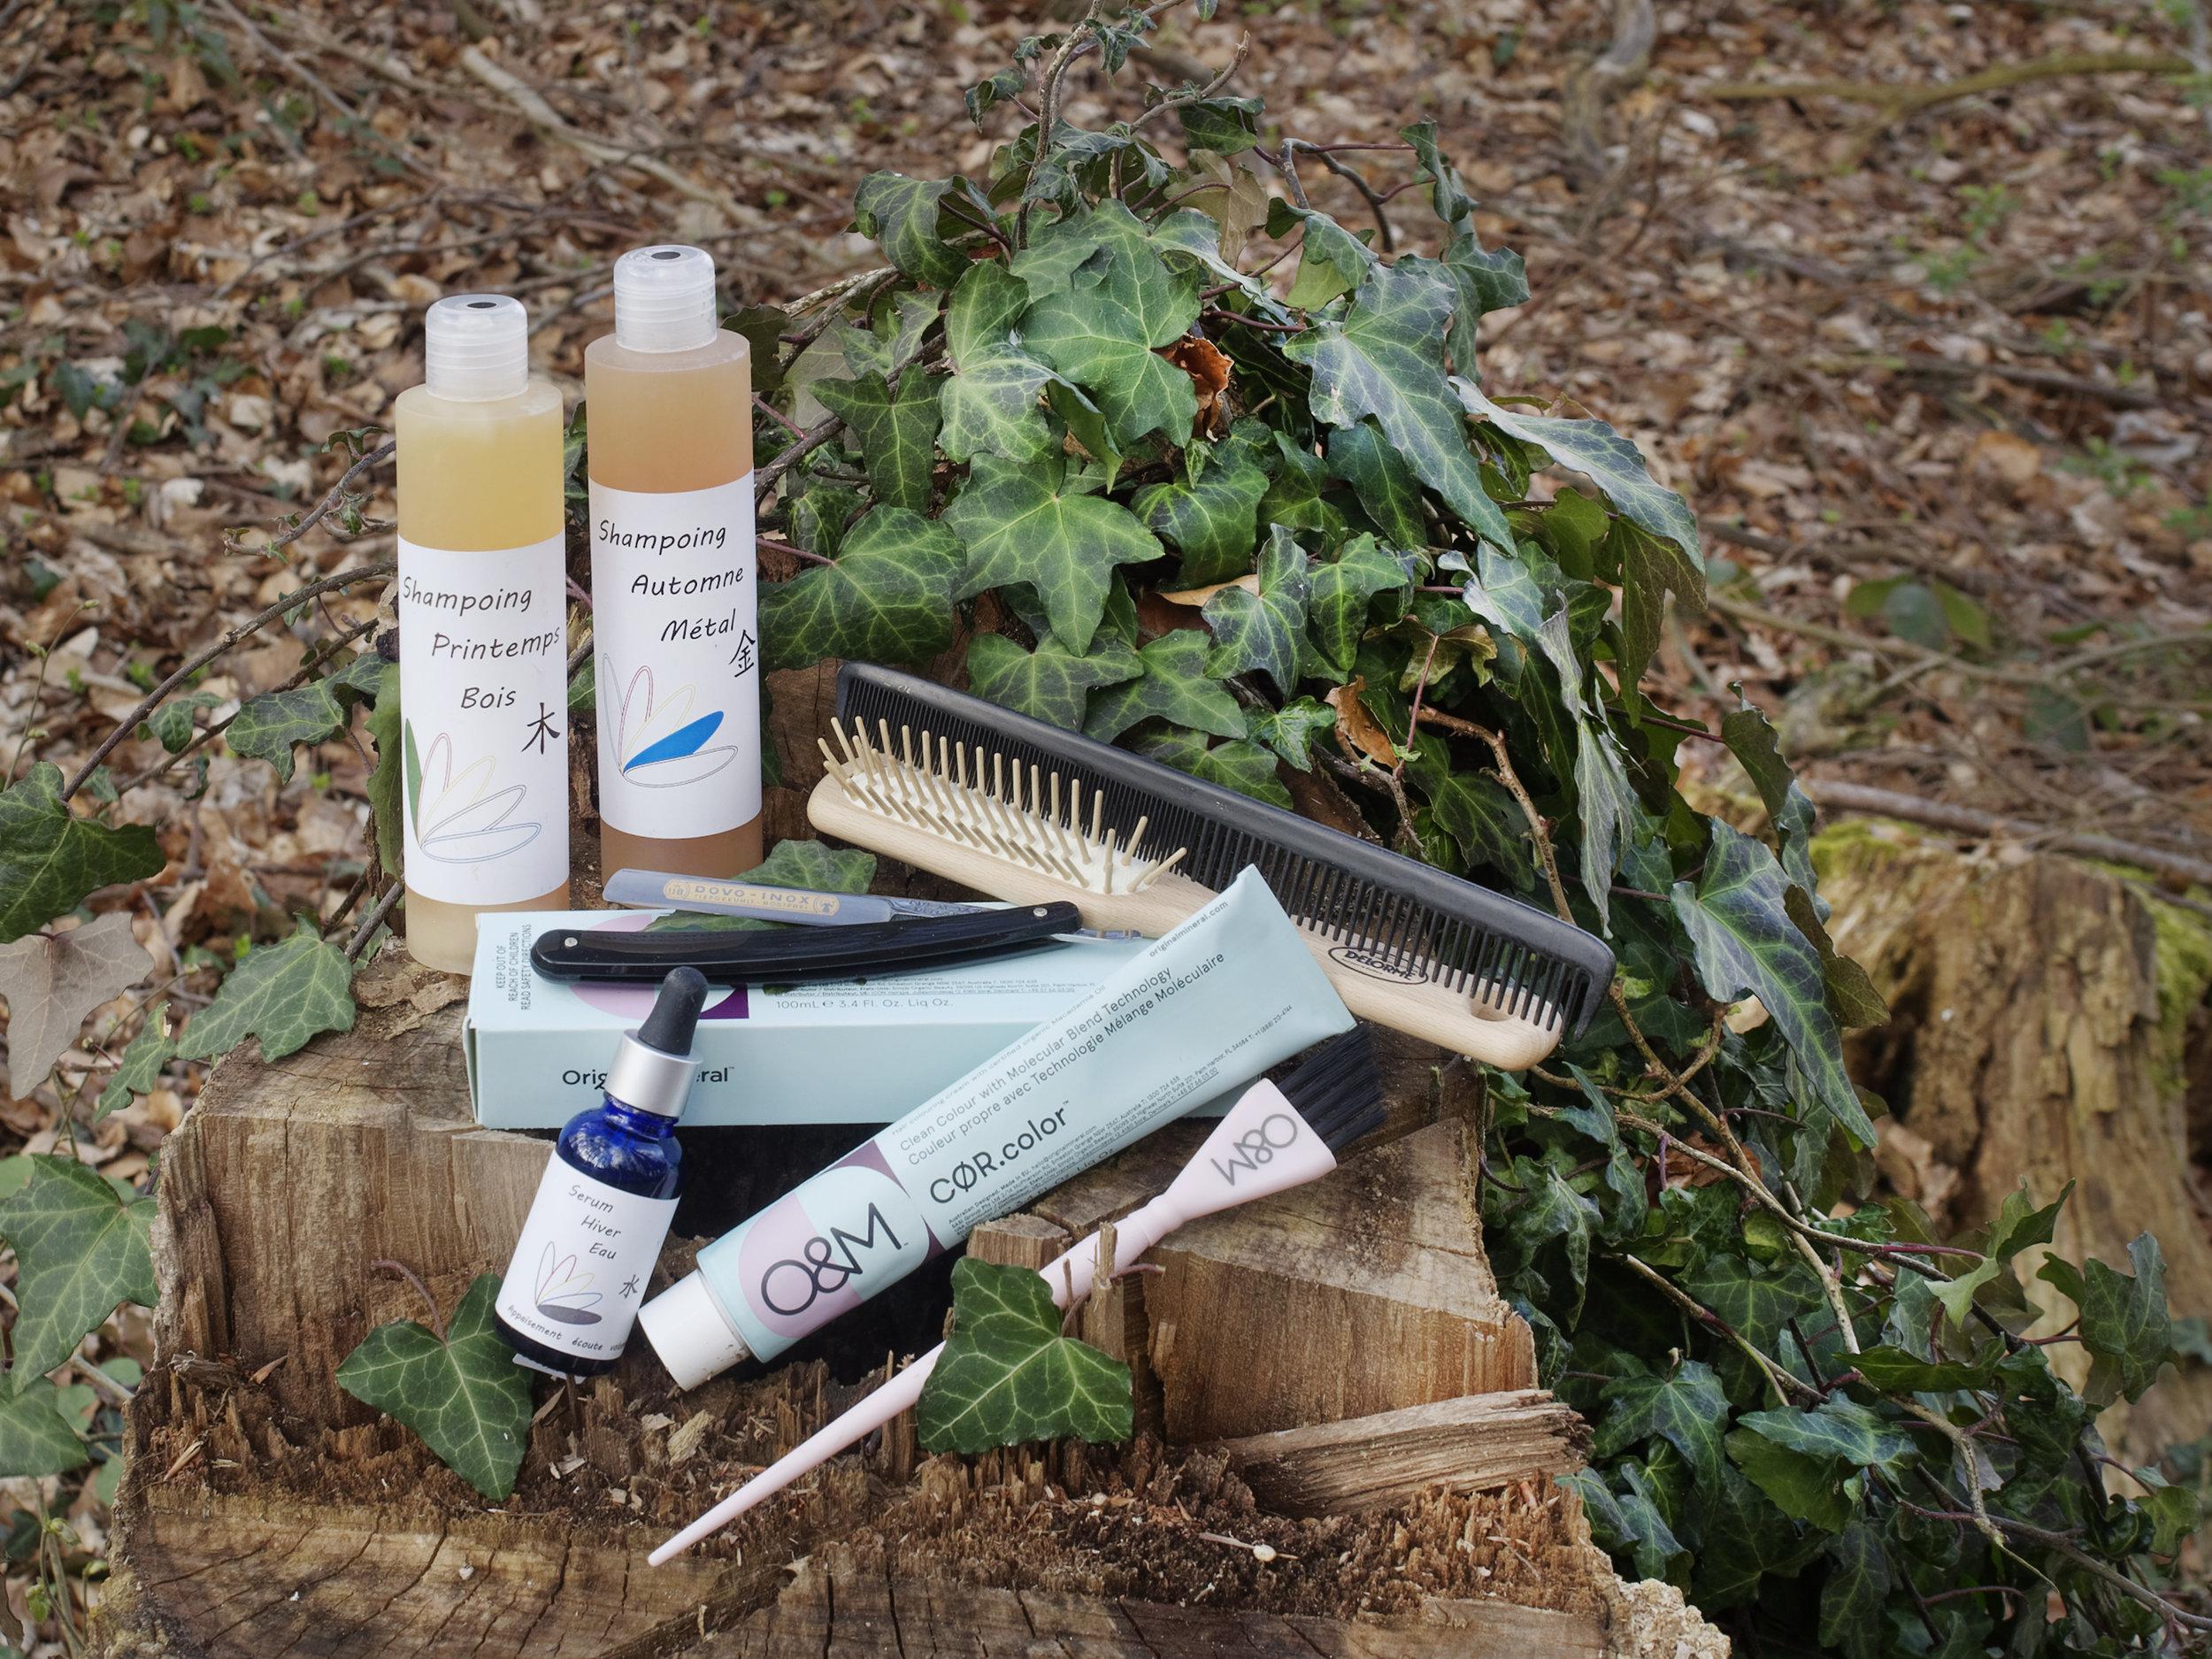 Eine ökologische Vision - Natürliche Shampoos und saubere Farben